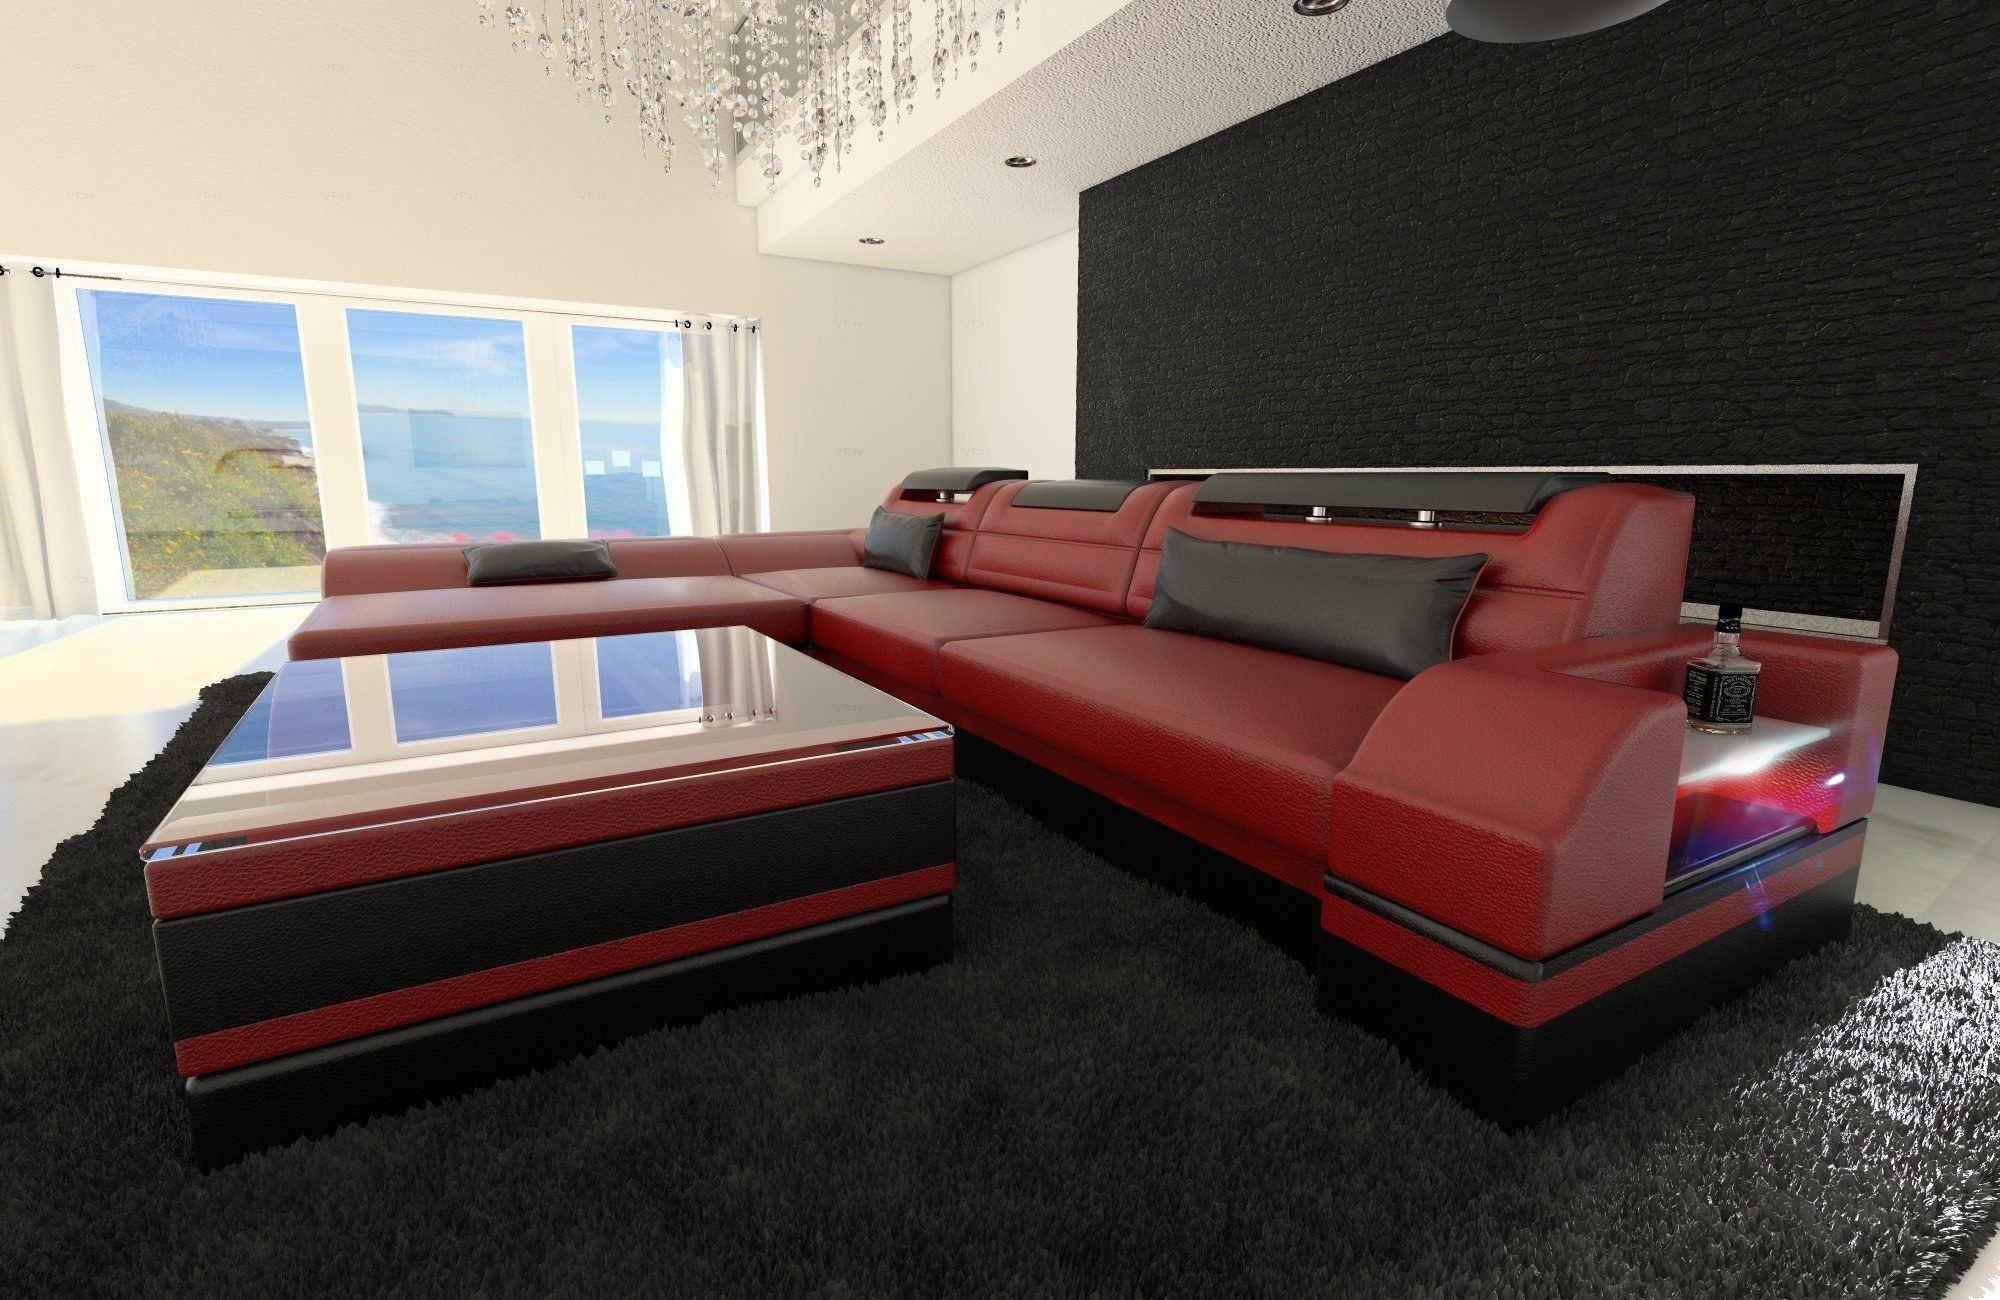 ledersofa monza l form rot schwarz. Black Bedroom Furniture Sets. Home Design Ideas